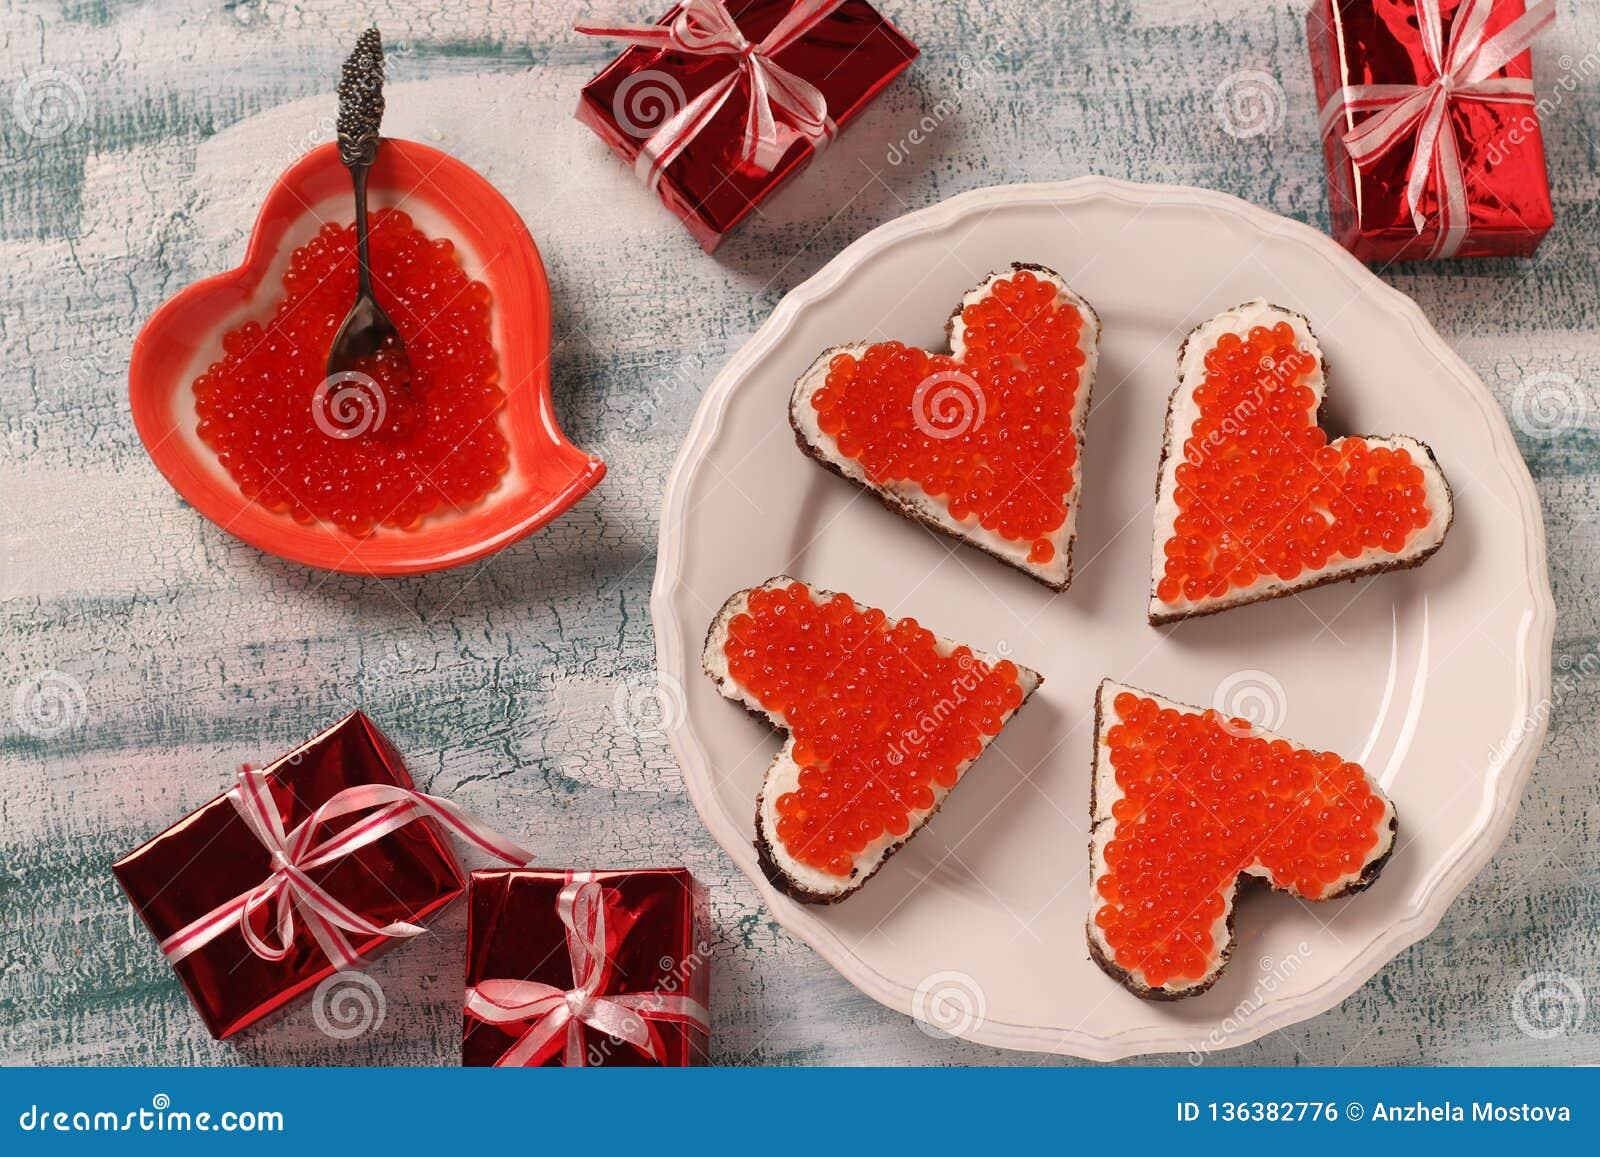 Sandwiche mit rotem Kaviar- und Frischkäse in Form eines Herzens für Valentinstag